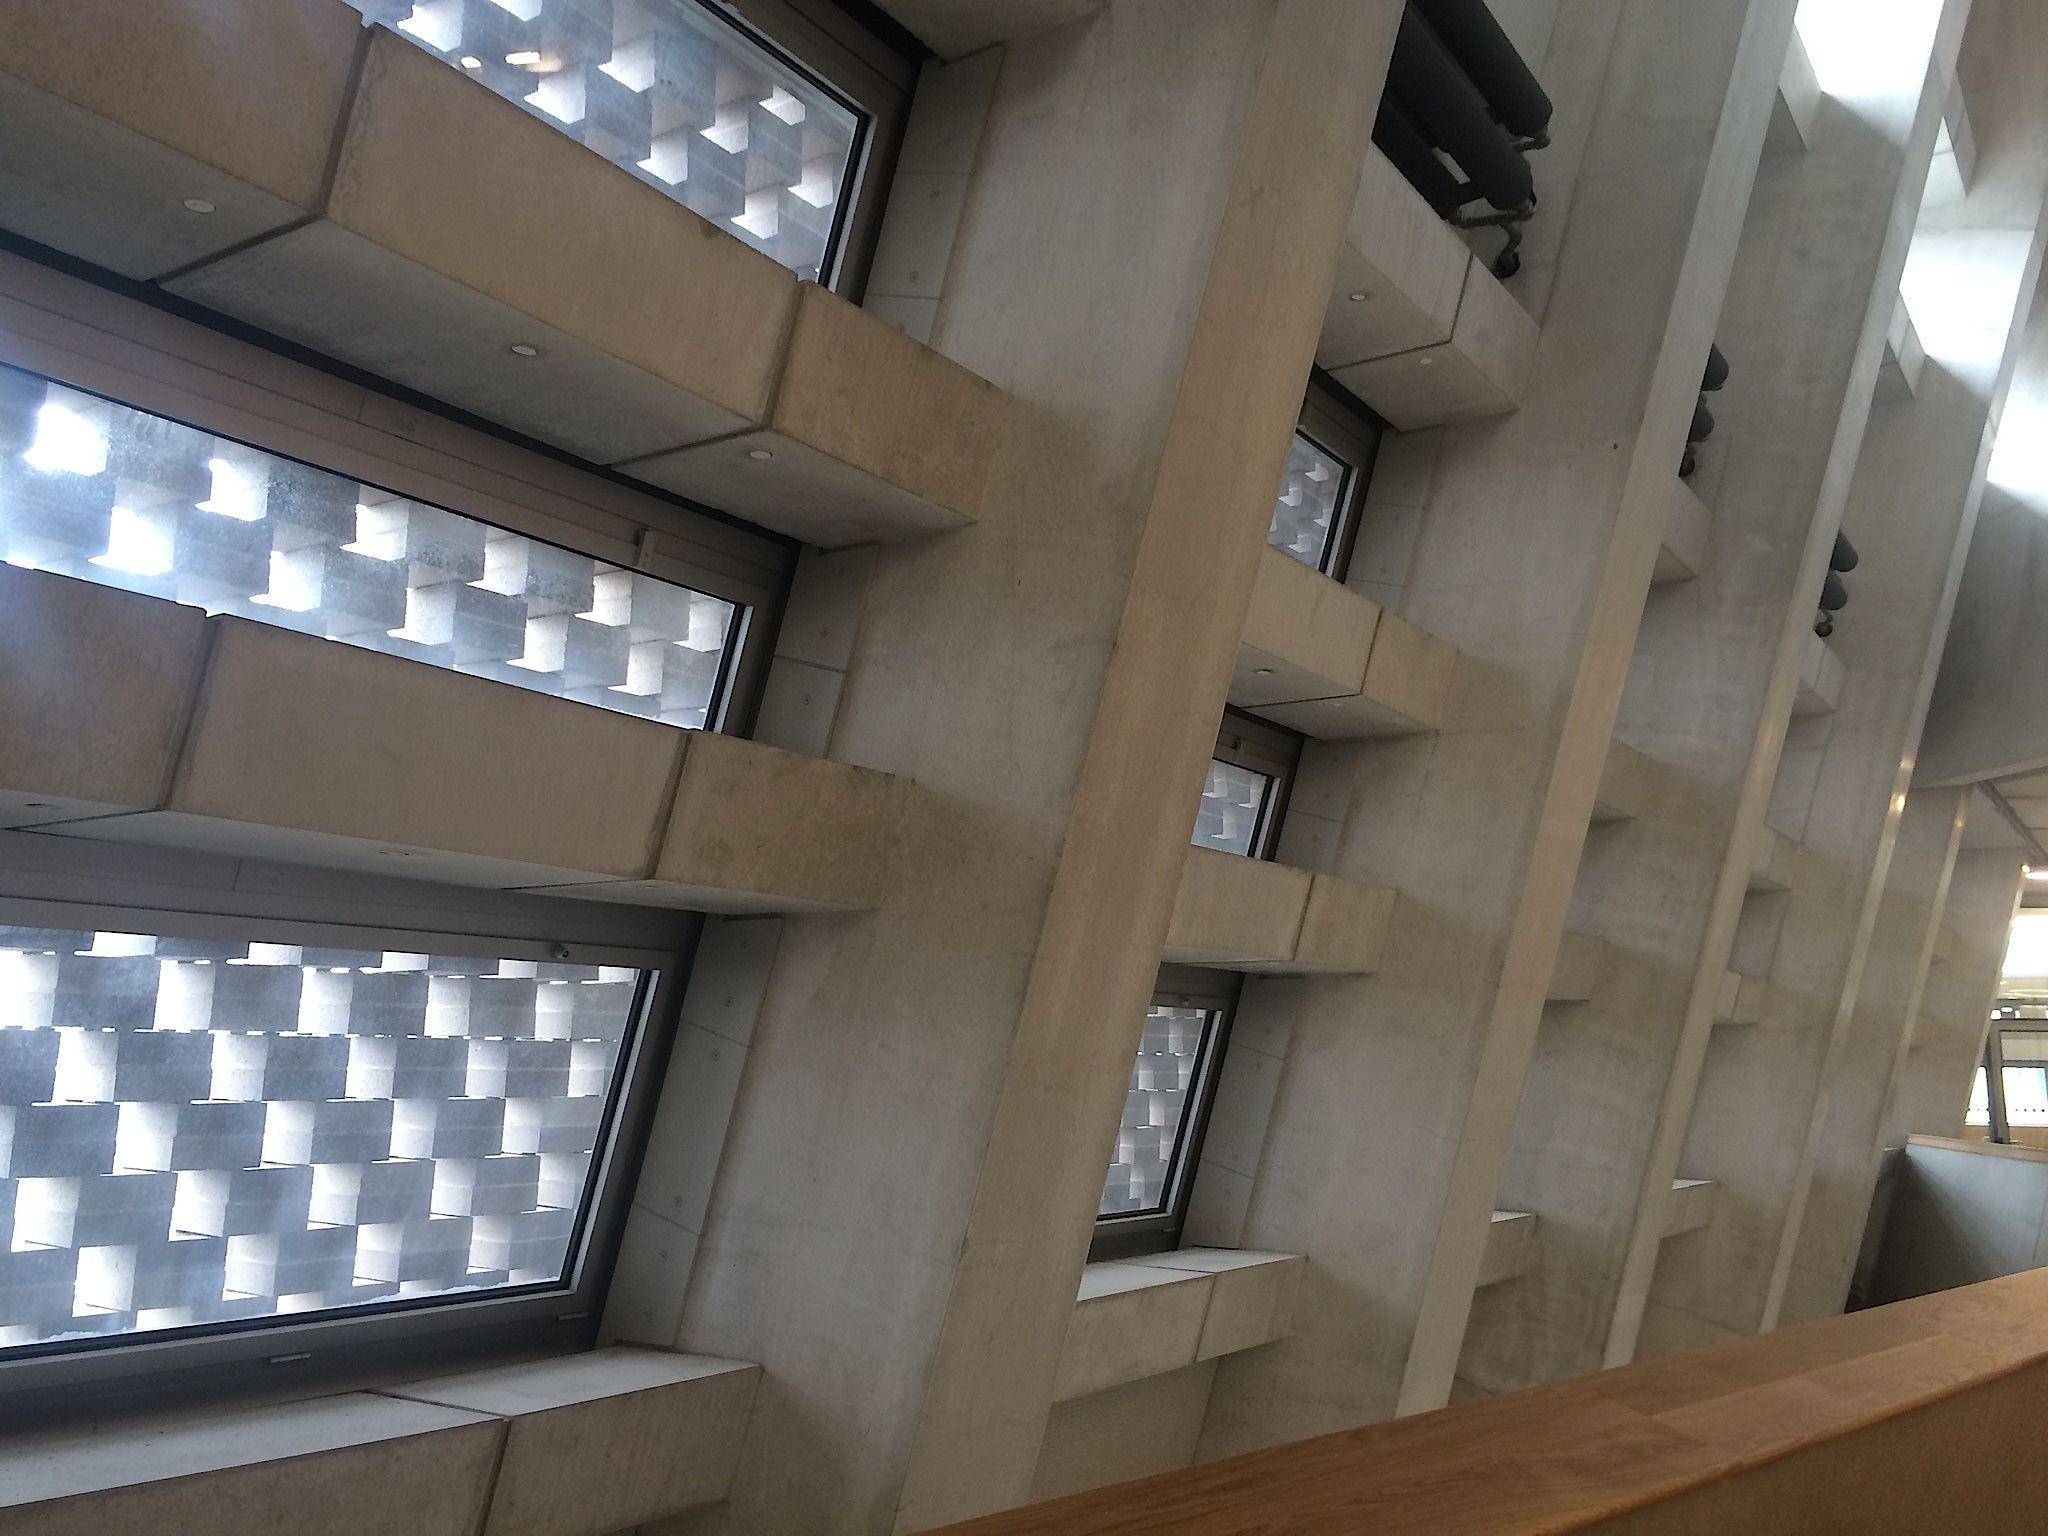 """Photo : Numéro   UNE PROMENADE ARCHITECTURALE ENTRE BOIS ET BÉTON   Cette nouvelle aile, entre béton brut et bois de chêne clair, offre des volumes vastes et ouverts particulièrement intéressants, notamment au niveau 2. Assez différents d'un étage à l'autre. """"La façade de briques est perforée de telle manière que la lumière du soleil peut entrer et adoucir la robustesse du béton, commente Jacques Herzog. La différence qui saute le plus aux yeux avec l'ancien bâtiment, c'est la gestion des flux. Au sein de la nouvelle aile, le public aura accès à une grande diversité d'escaliers et de rampes, qui créent une sorte de promenade architecturale, avec des bancs et des niches où l'on peut s'arrêter et discuter."""""""